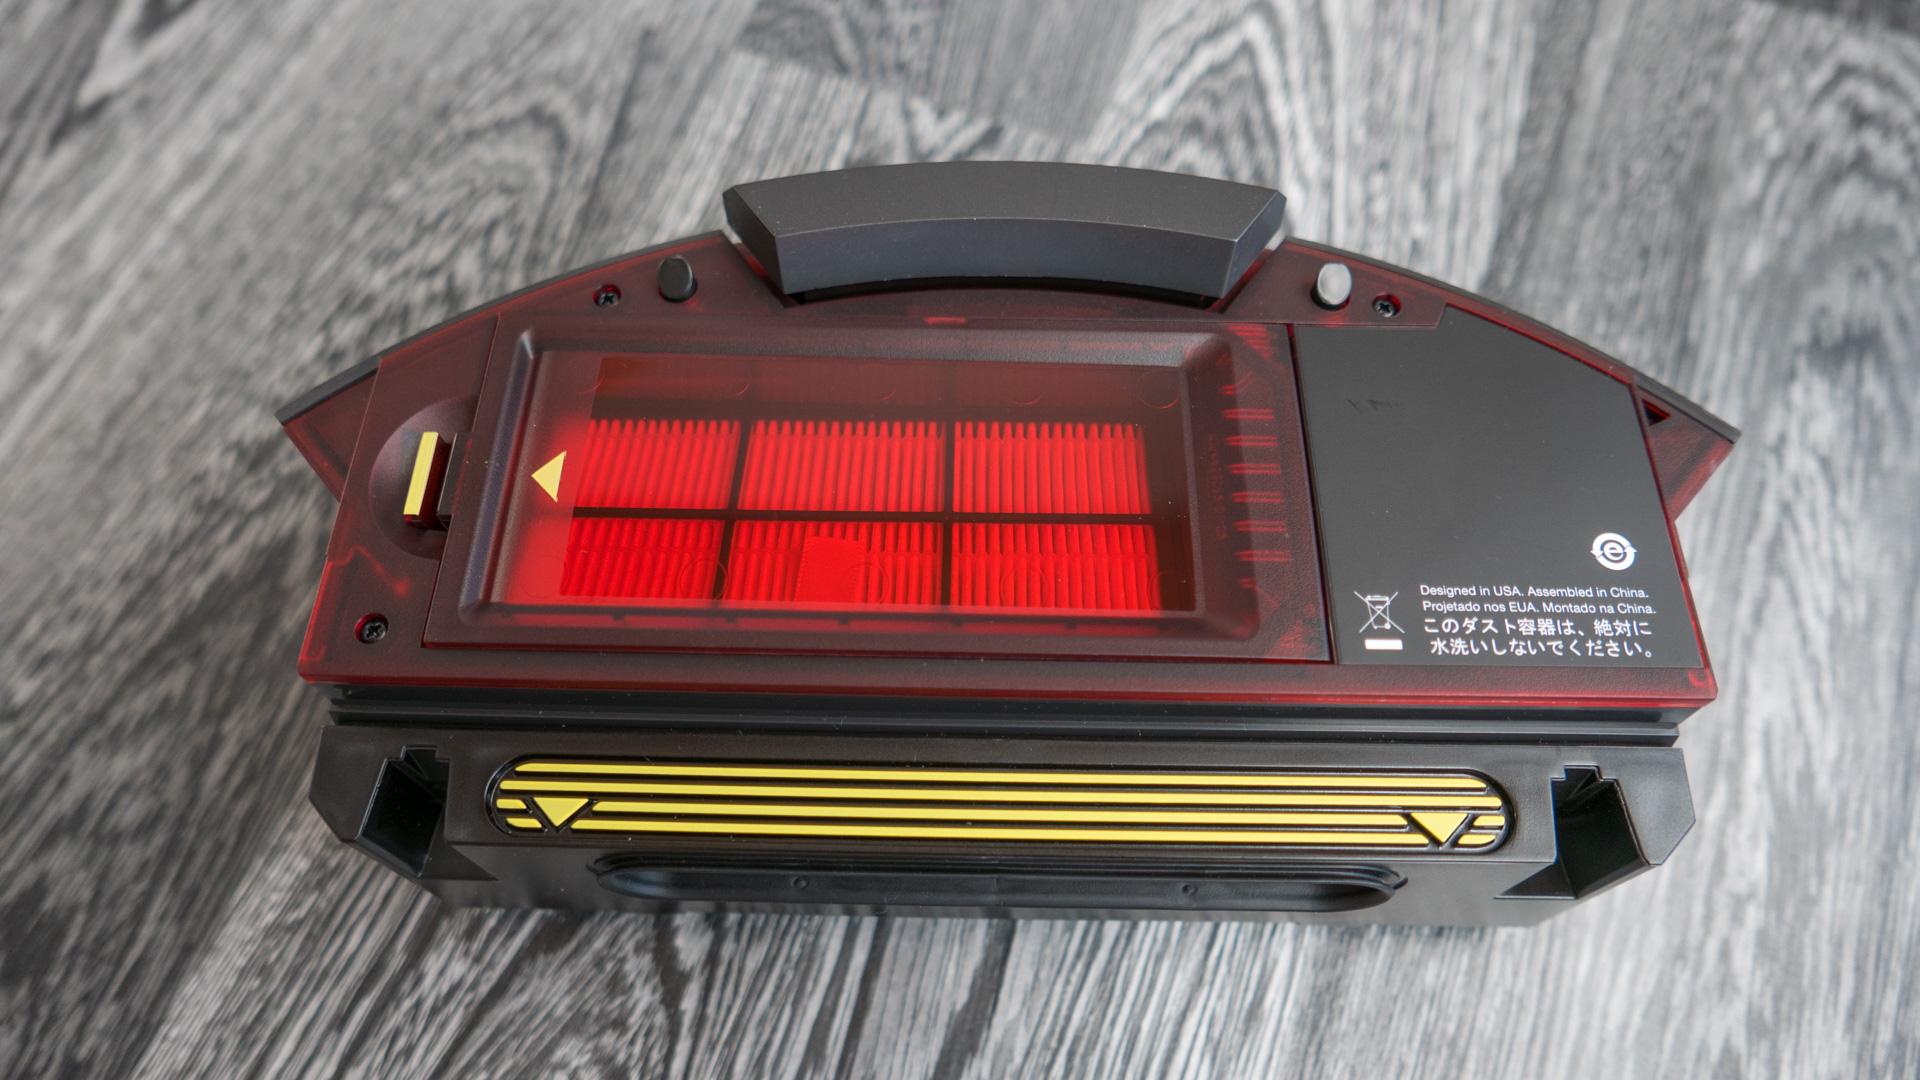 iRobot Roomba 980 Staubbehälter 01